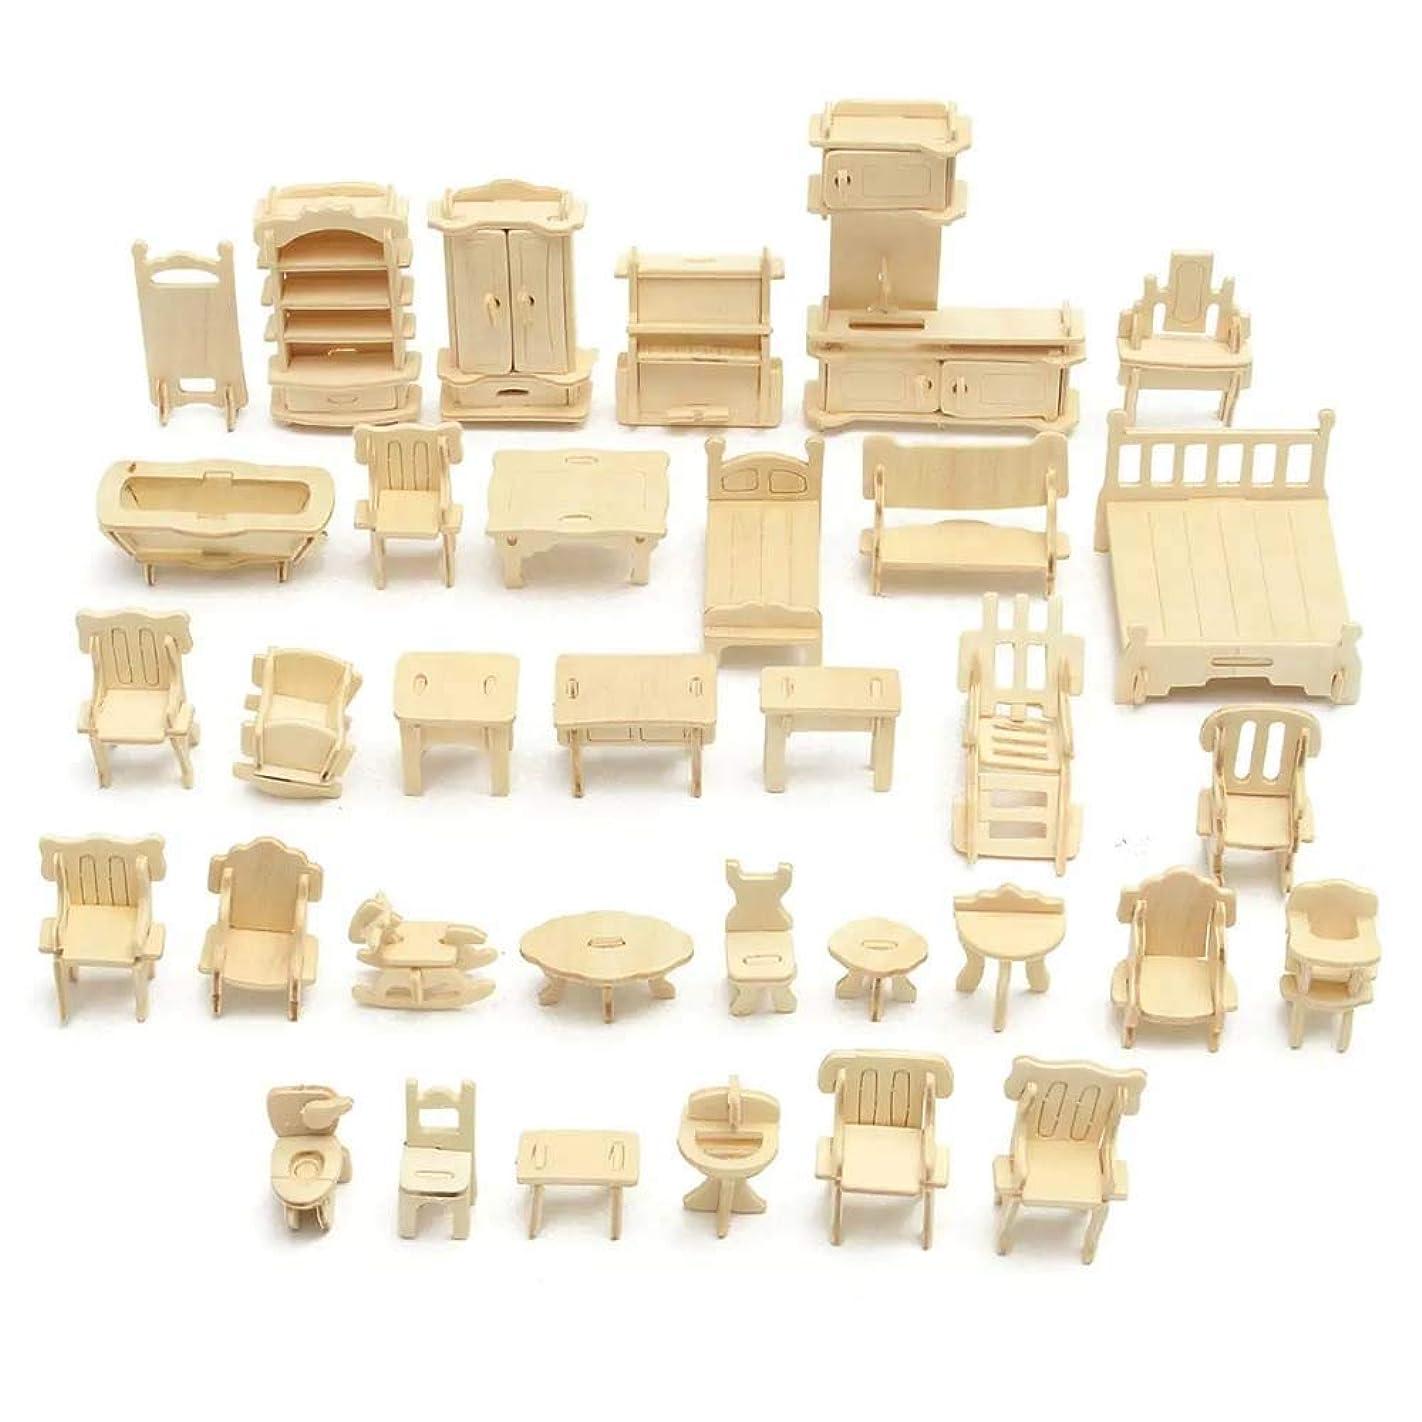 恨み治す聖職者家具付きドールハウスミニチュア DIYミニ34pcs /セットキッズ教育ドールハウスアクセサリー家具の3D木工パズルモデルキット手作りのおもちゃのギフト (Color : Wood, Size : One size)